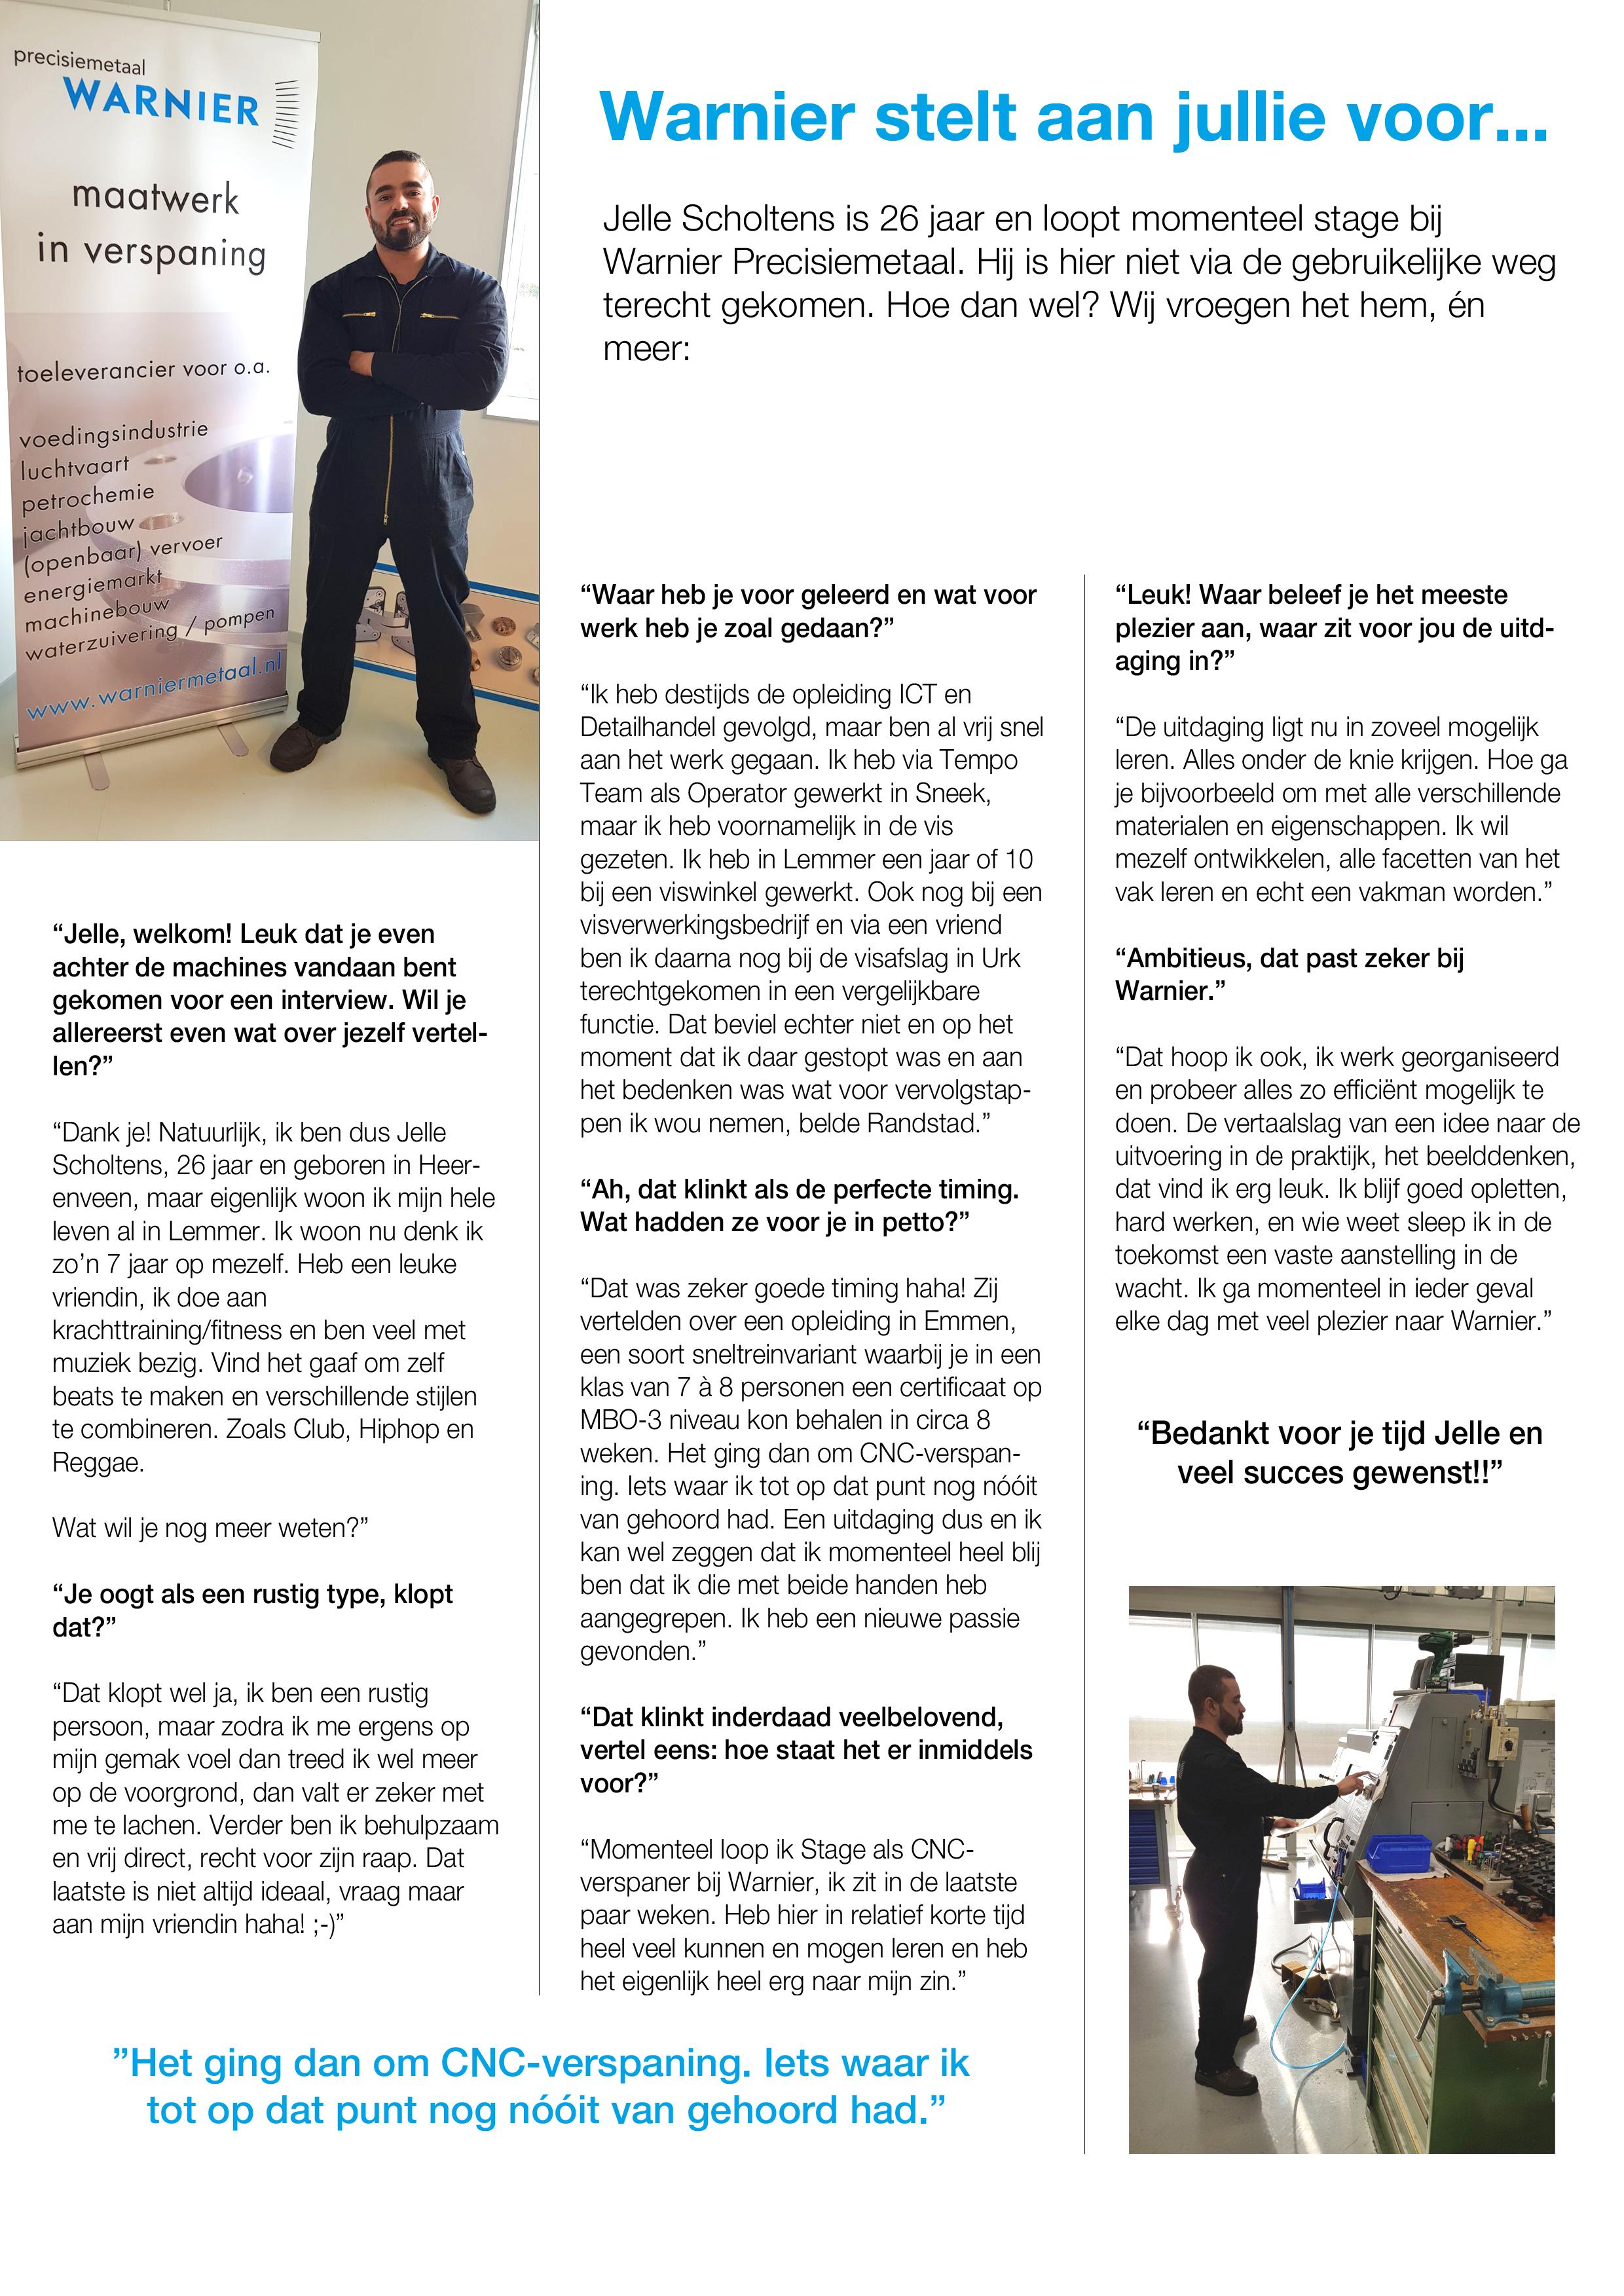 Jelle Scholtens interview